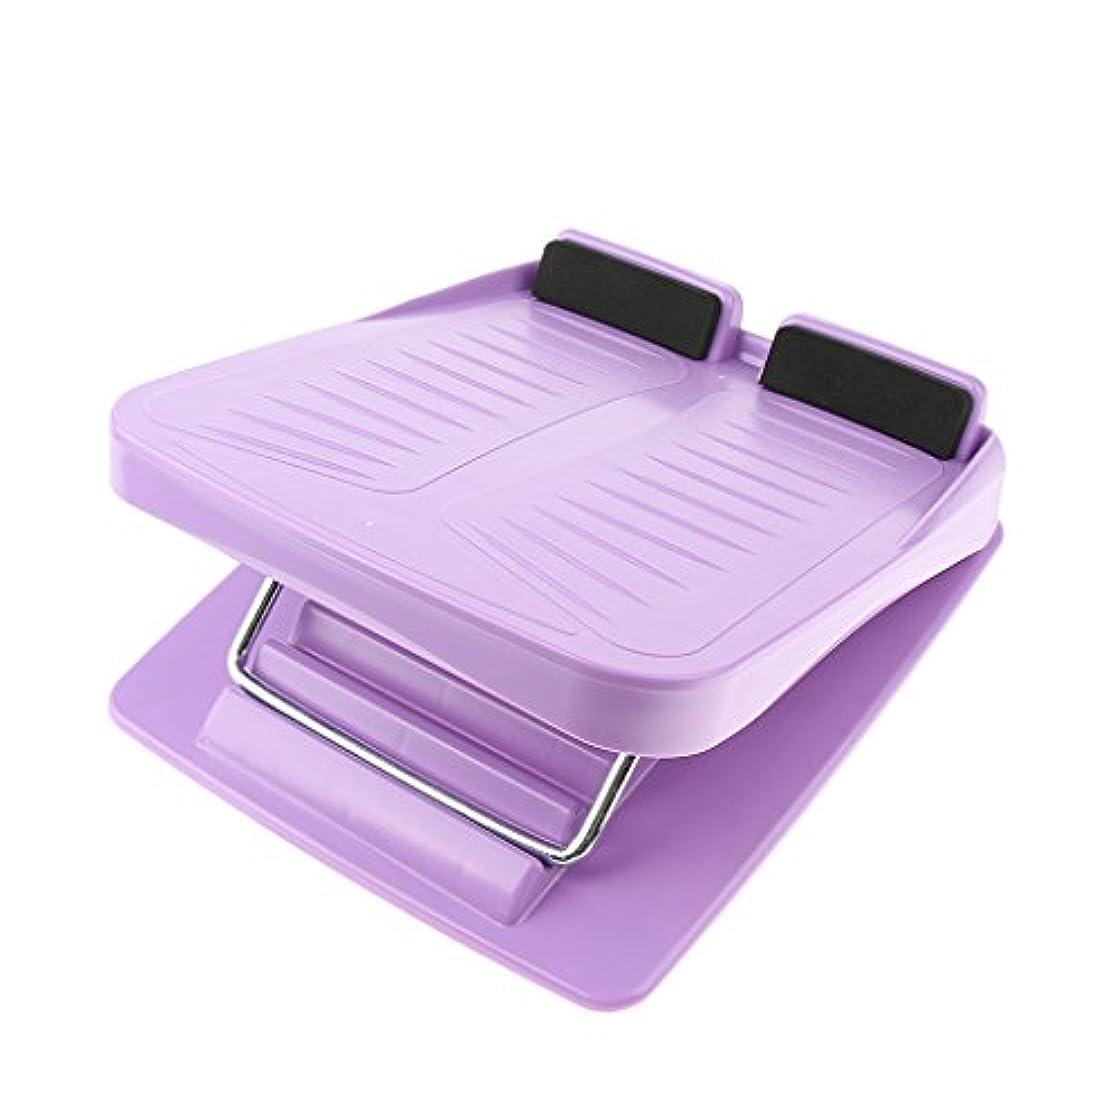 周波数サポートチョコレートP Prettyia ストレッチボード ストレッチ台 調整可能 アンチスリップ カーフストレッチ 斜面ボード 全3色 - 紫の